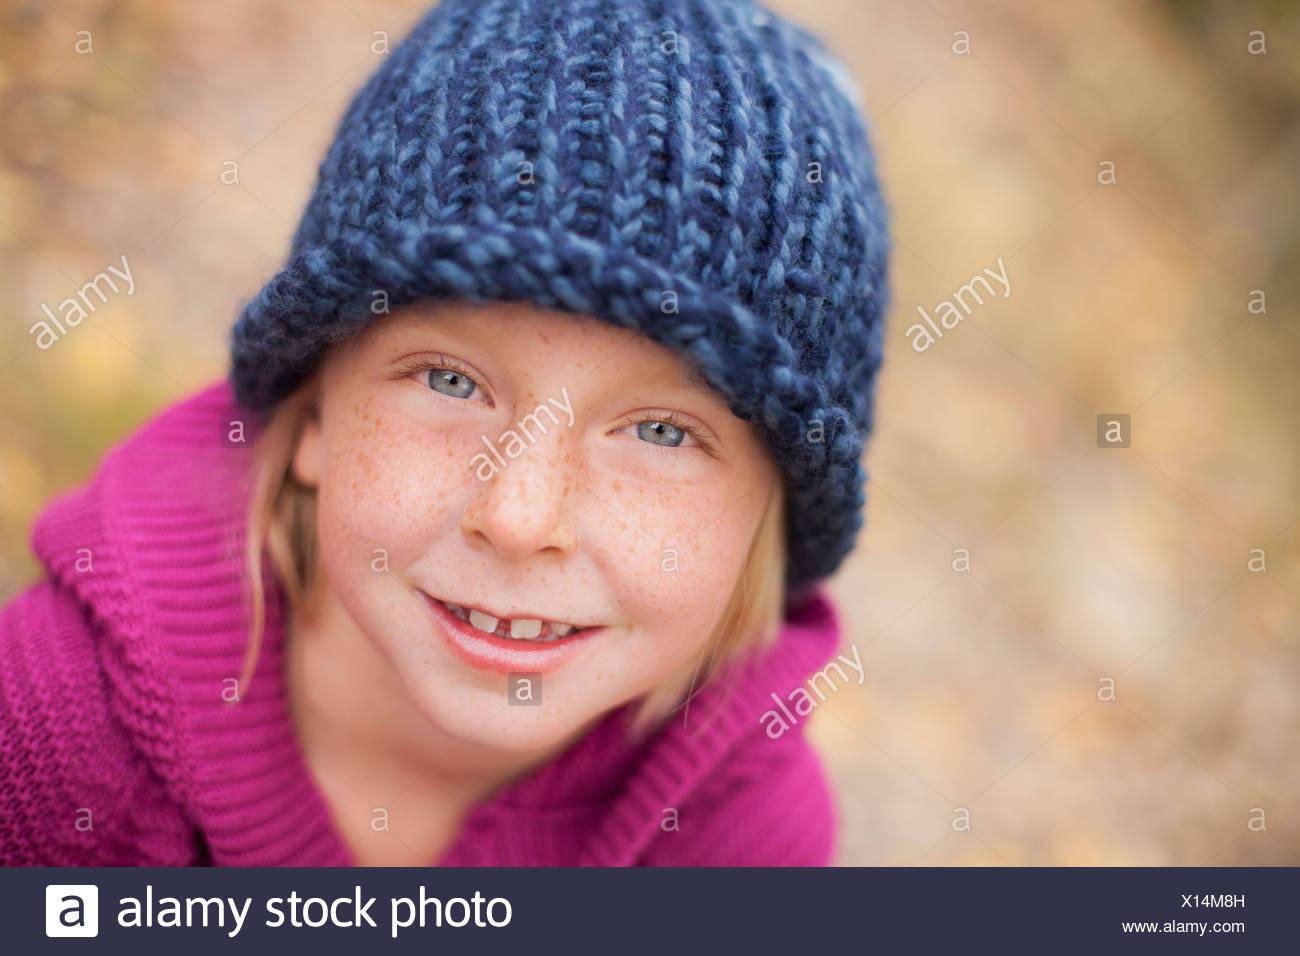 Una ragazza in un berretto lavorato a maglia e ponticello di magenta con un collare ripiegato. Immagini Stock